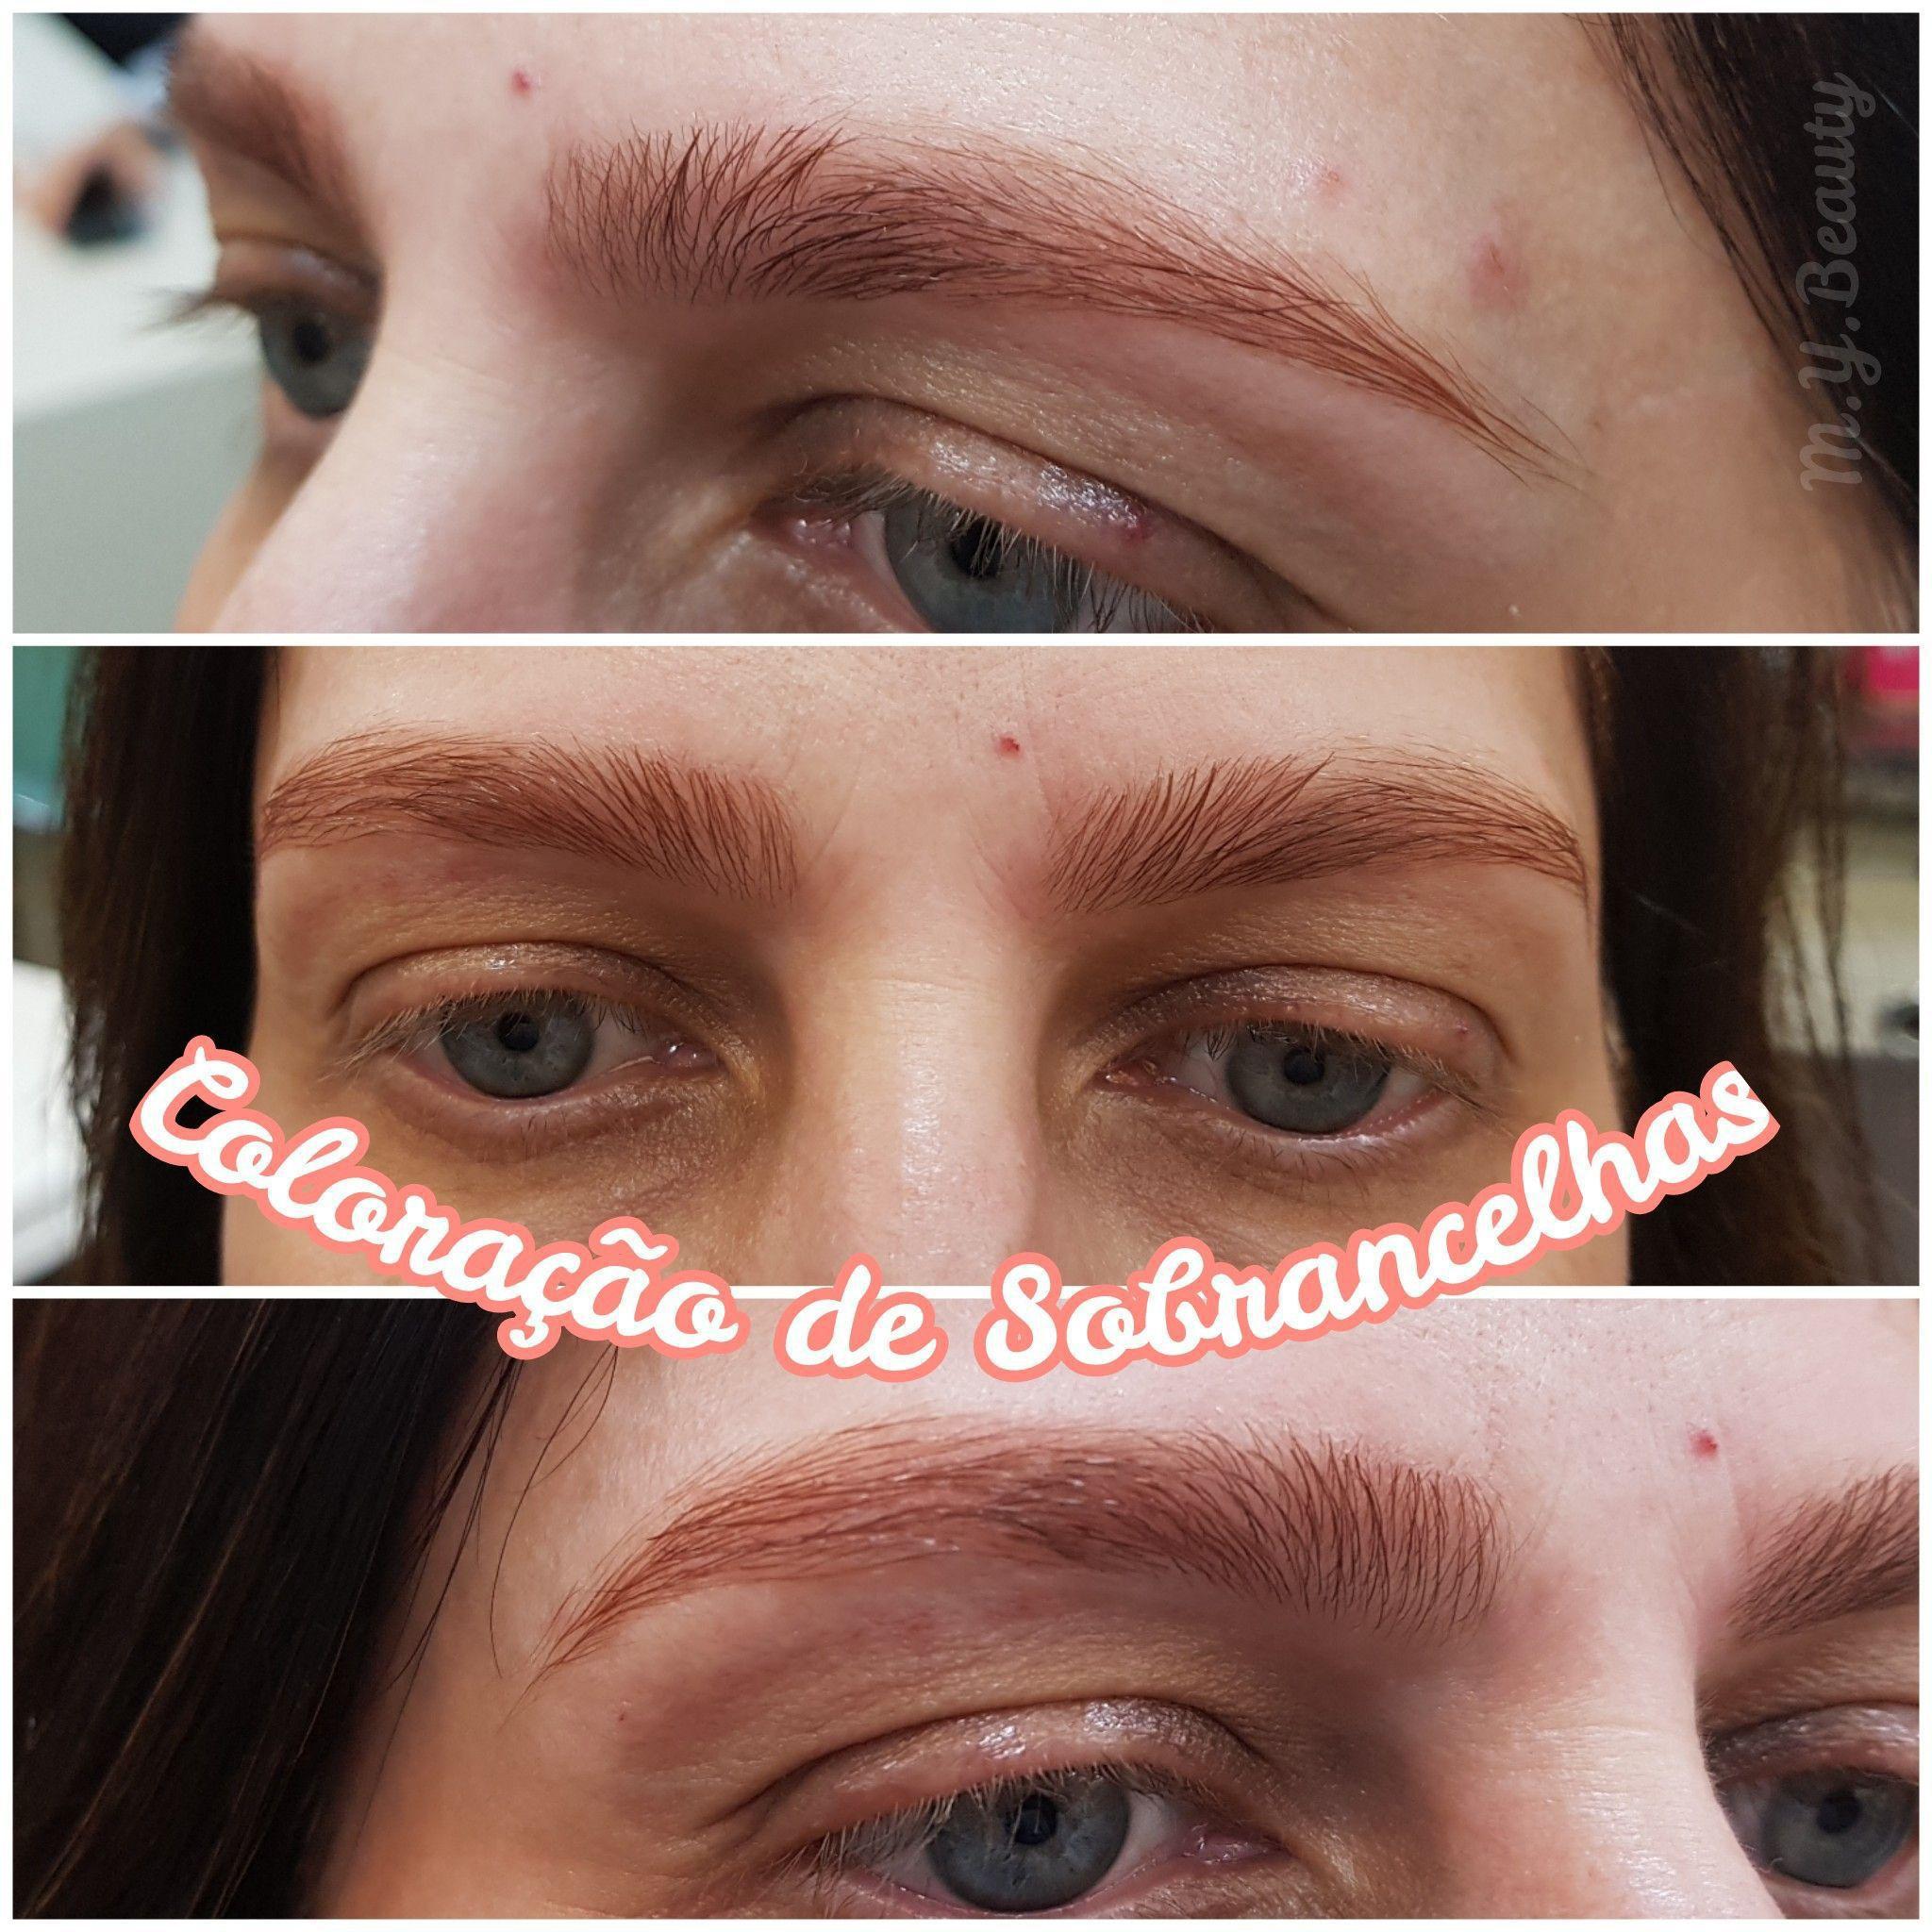 Coloração de sobrancelhas depilador(a) depilador(a) designer de sobrancelhas